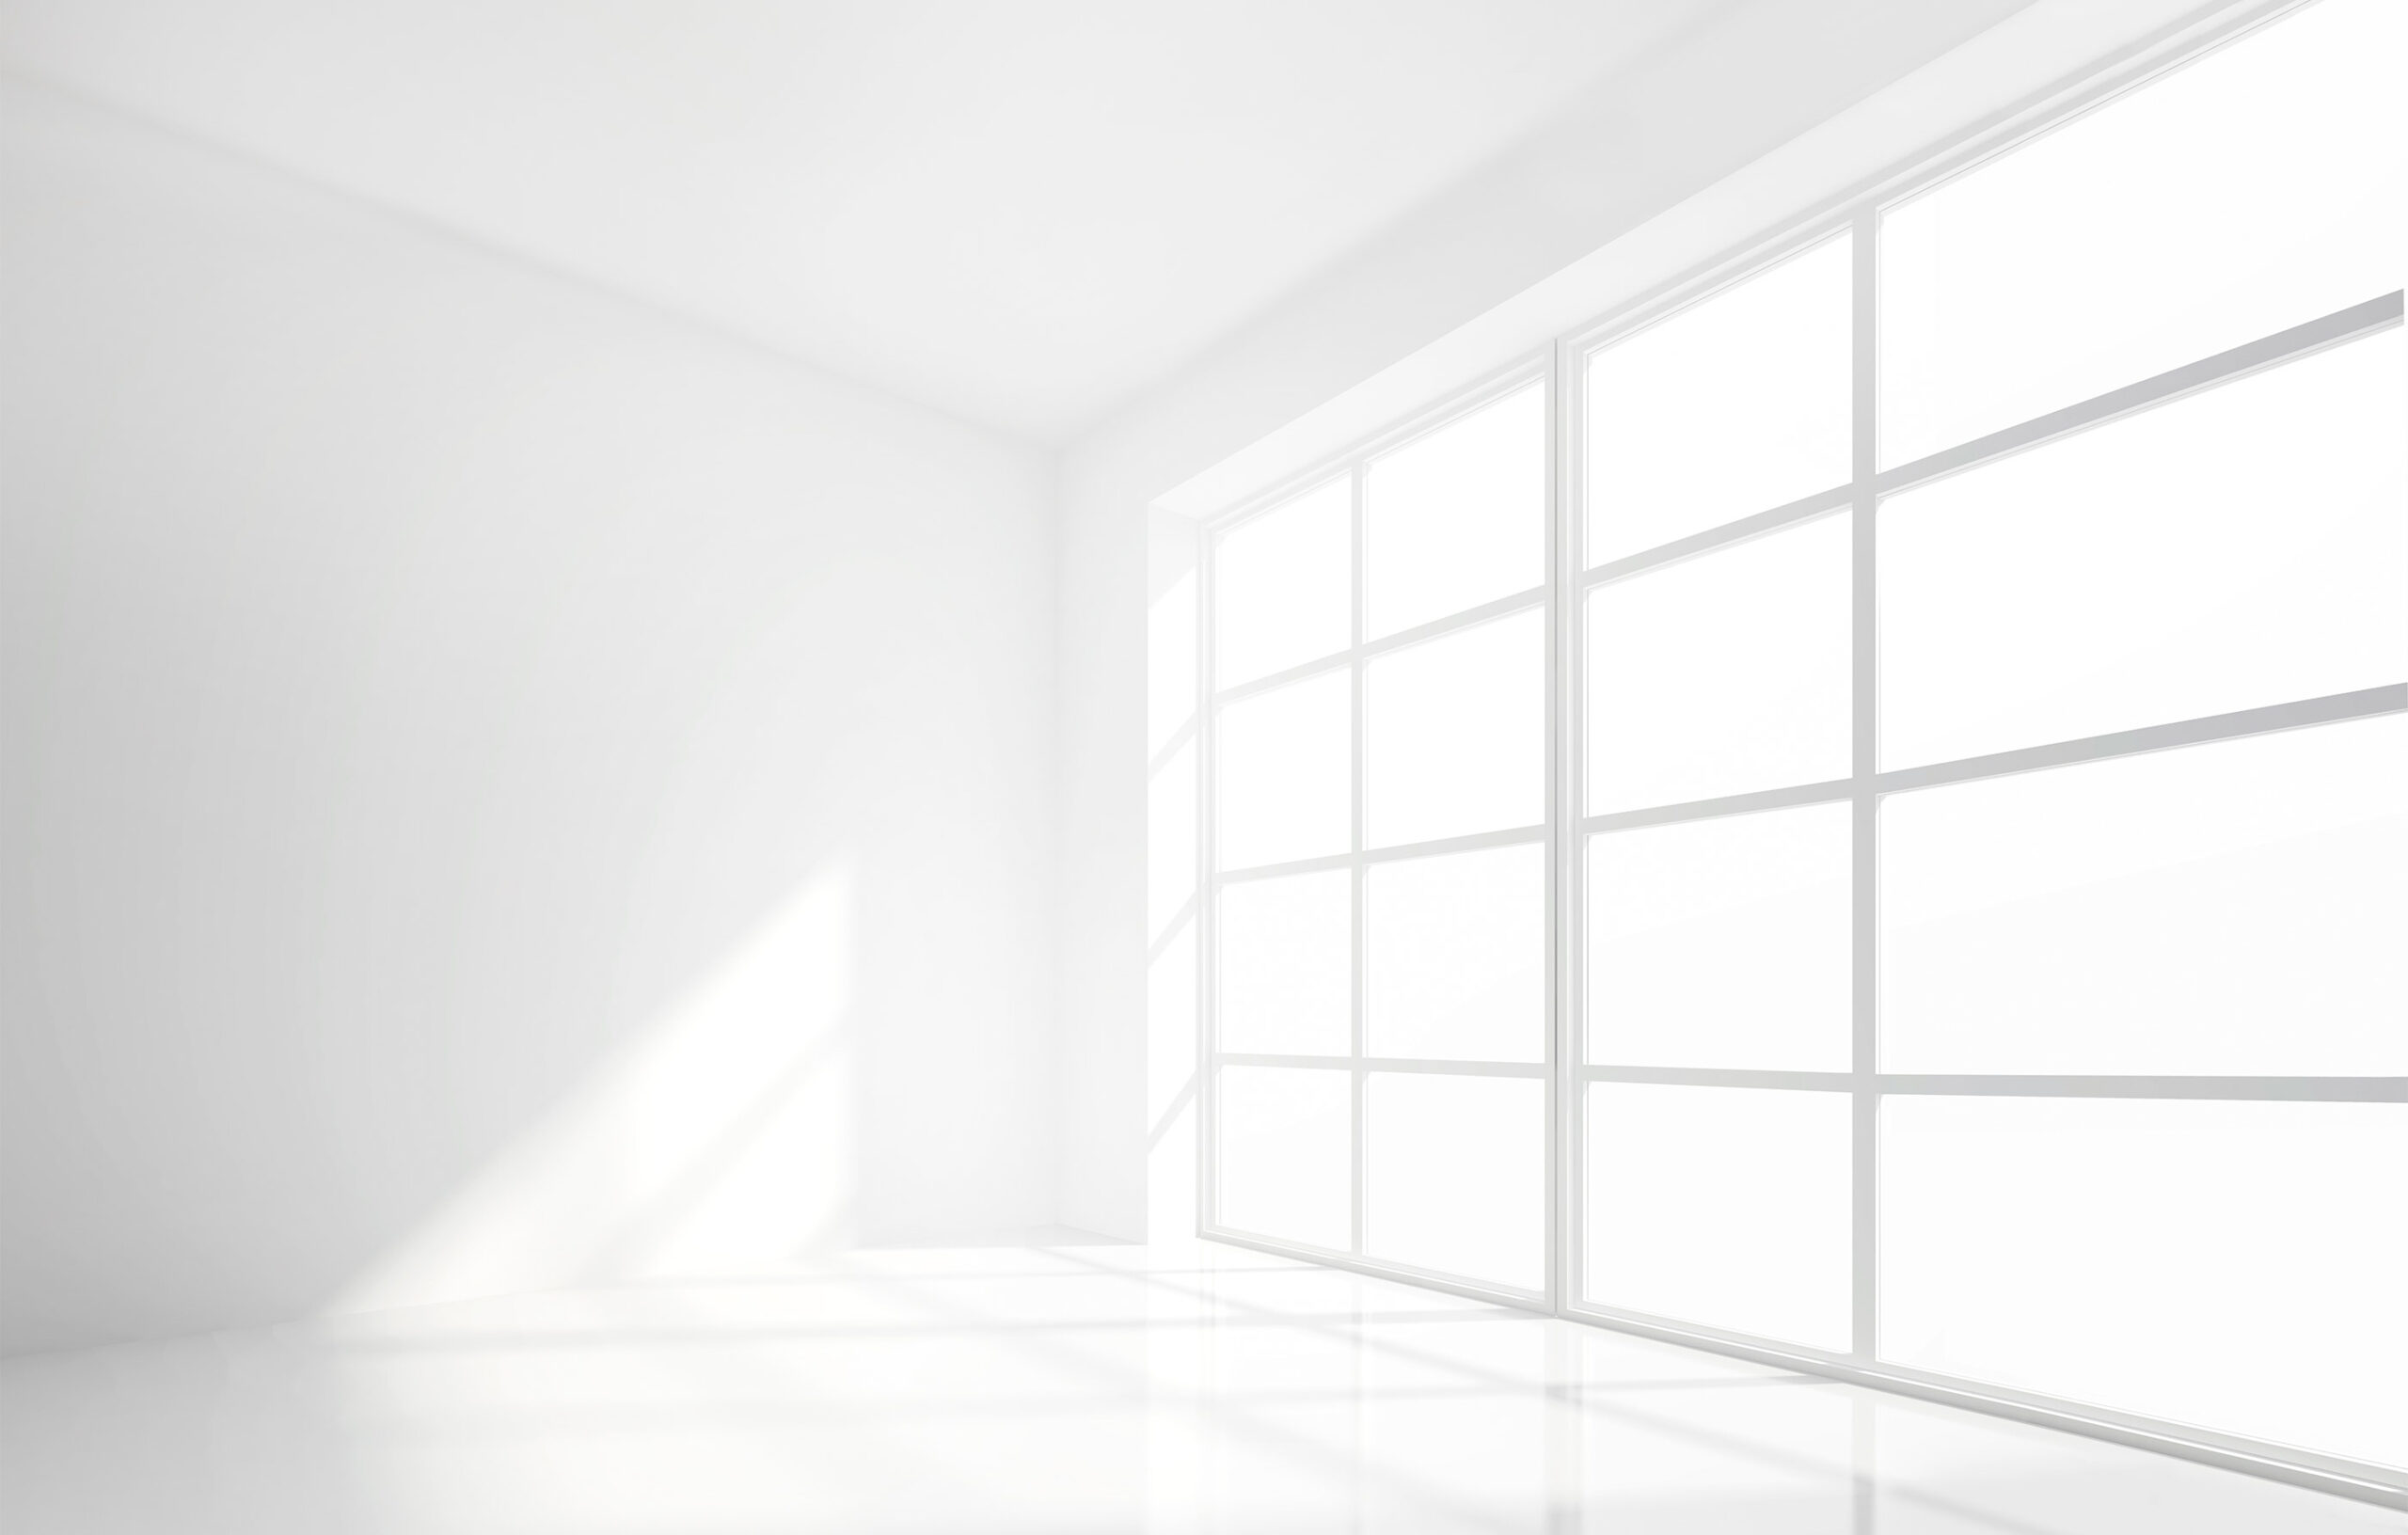 slider-3-scaled Rayen | Soluciones innovadoras para el hogar | Rayen.com